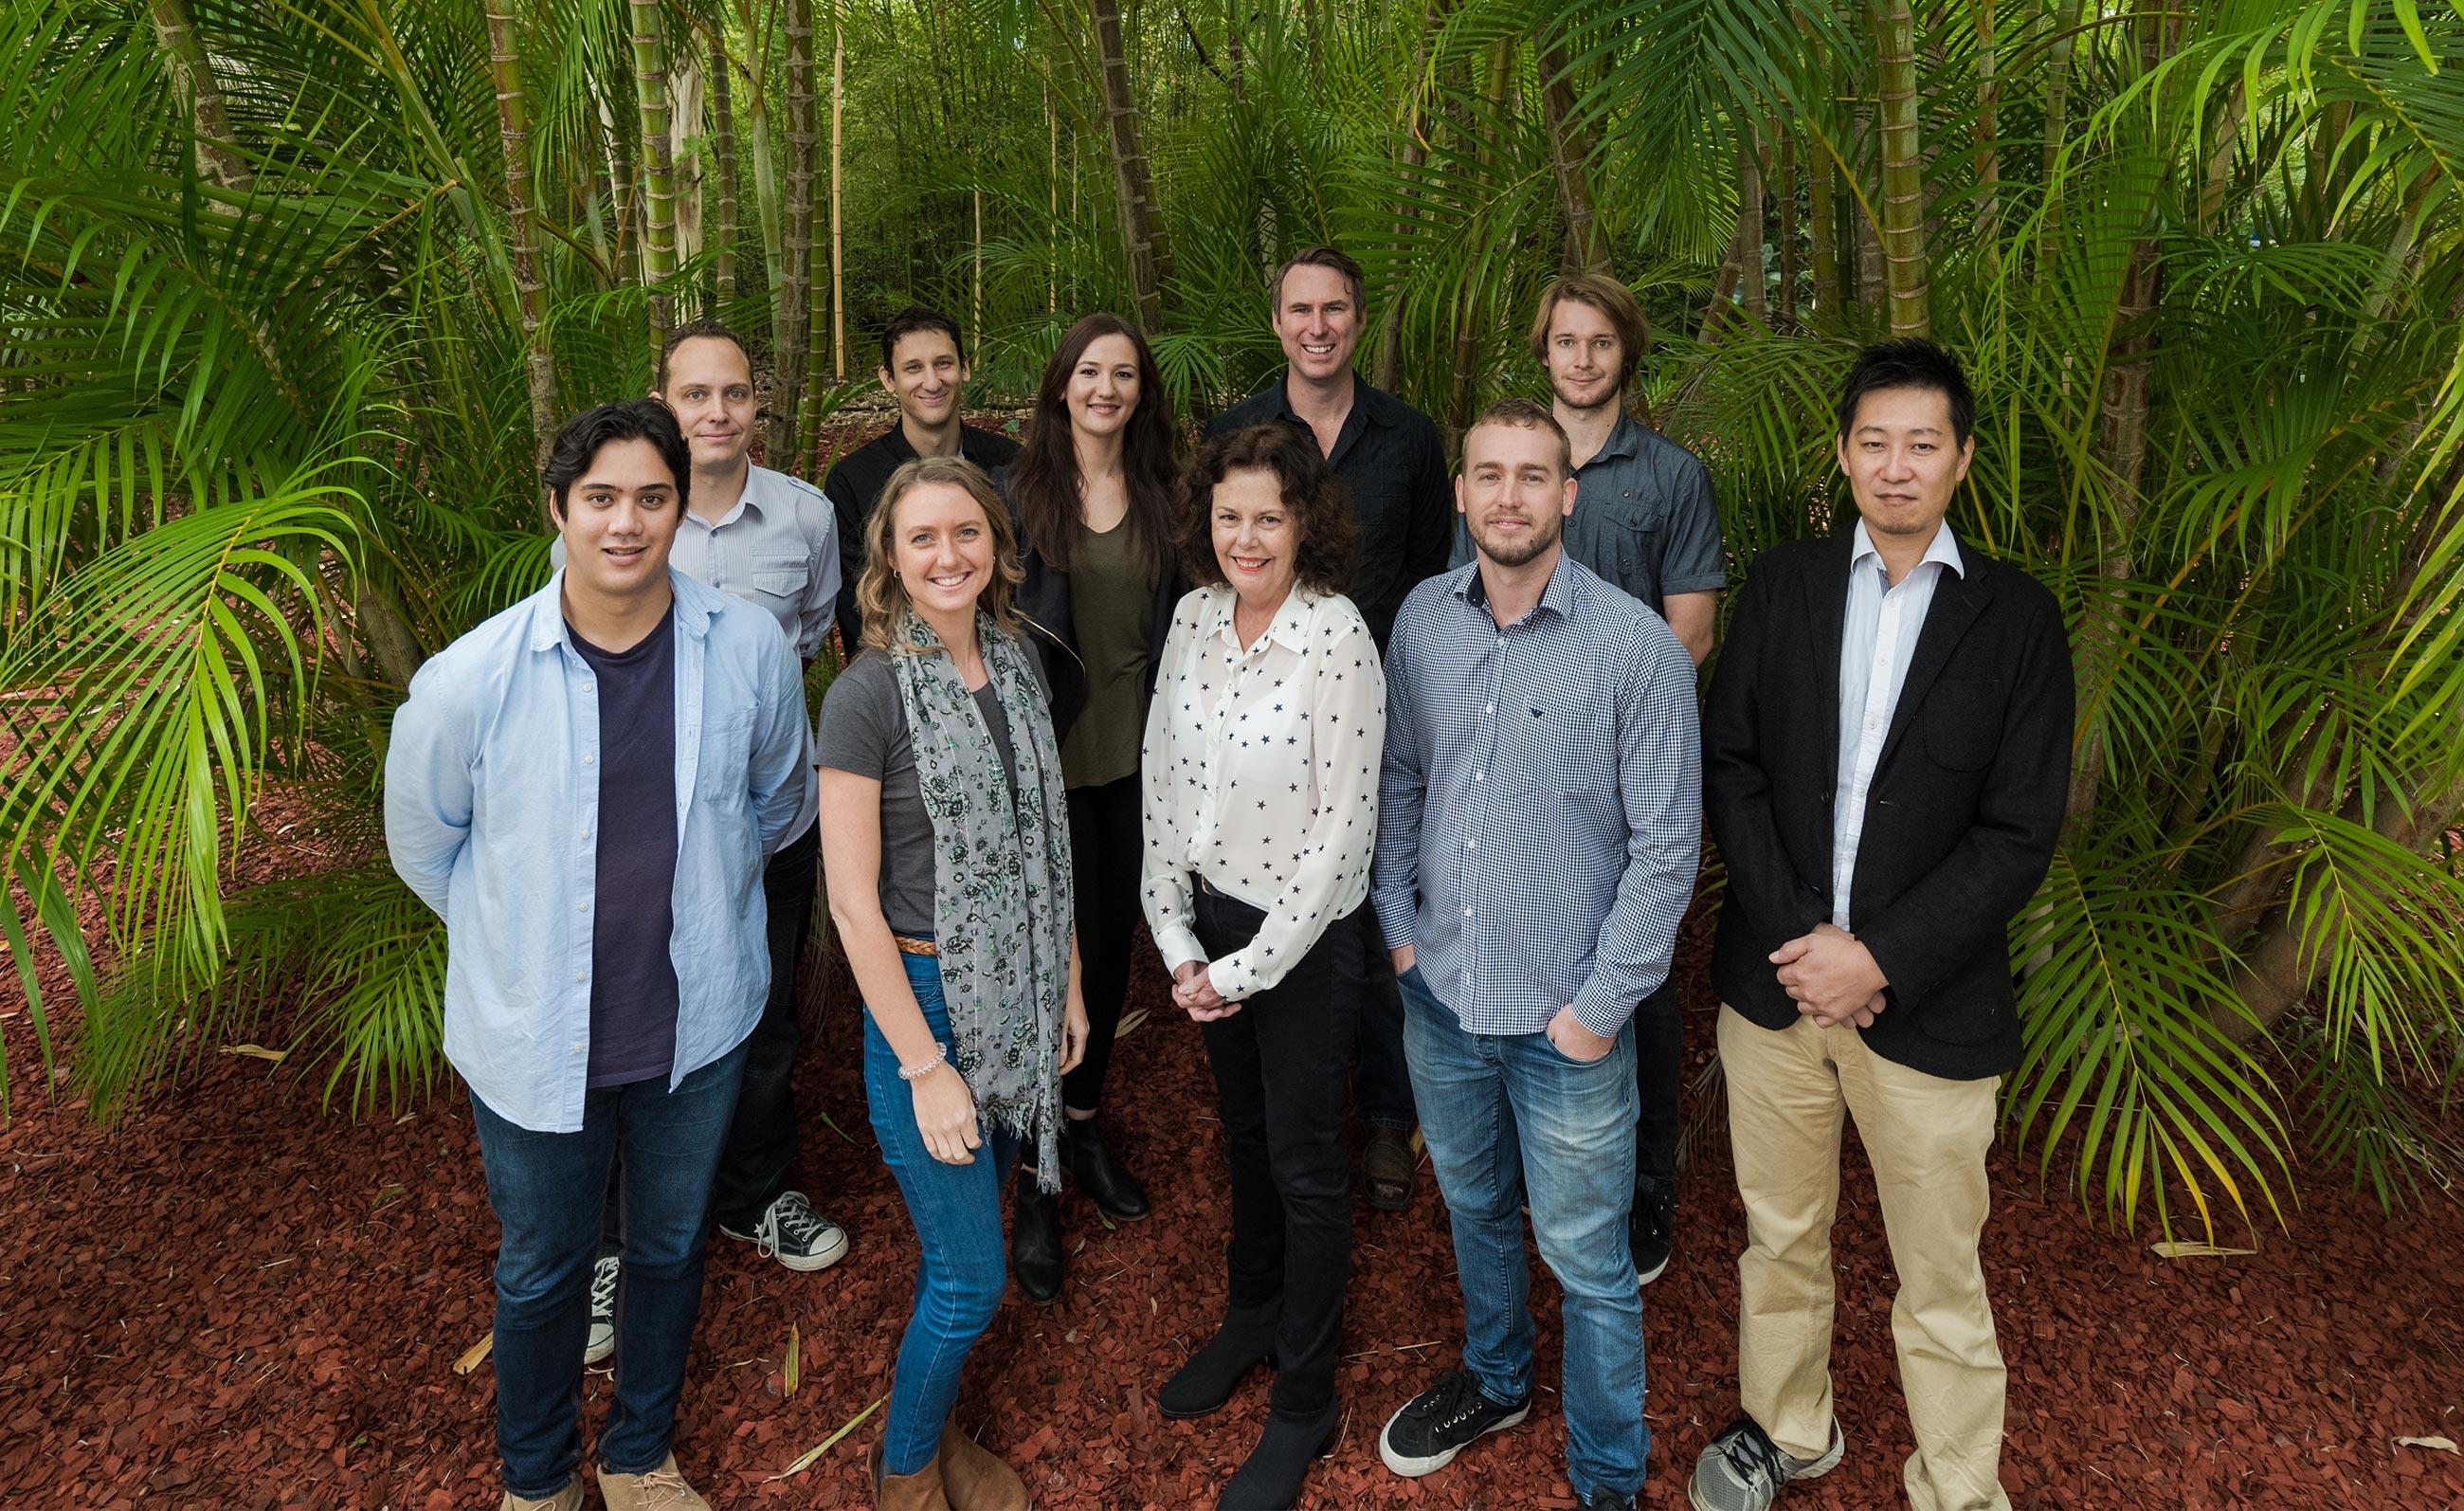 e-CBD local digital marketing & web design team.